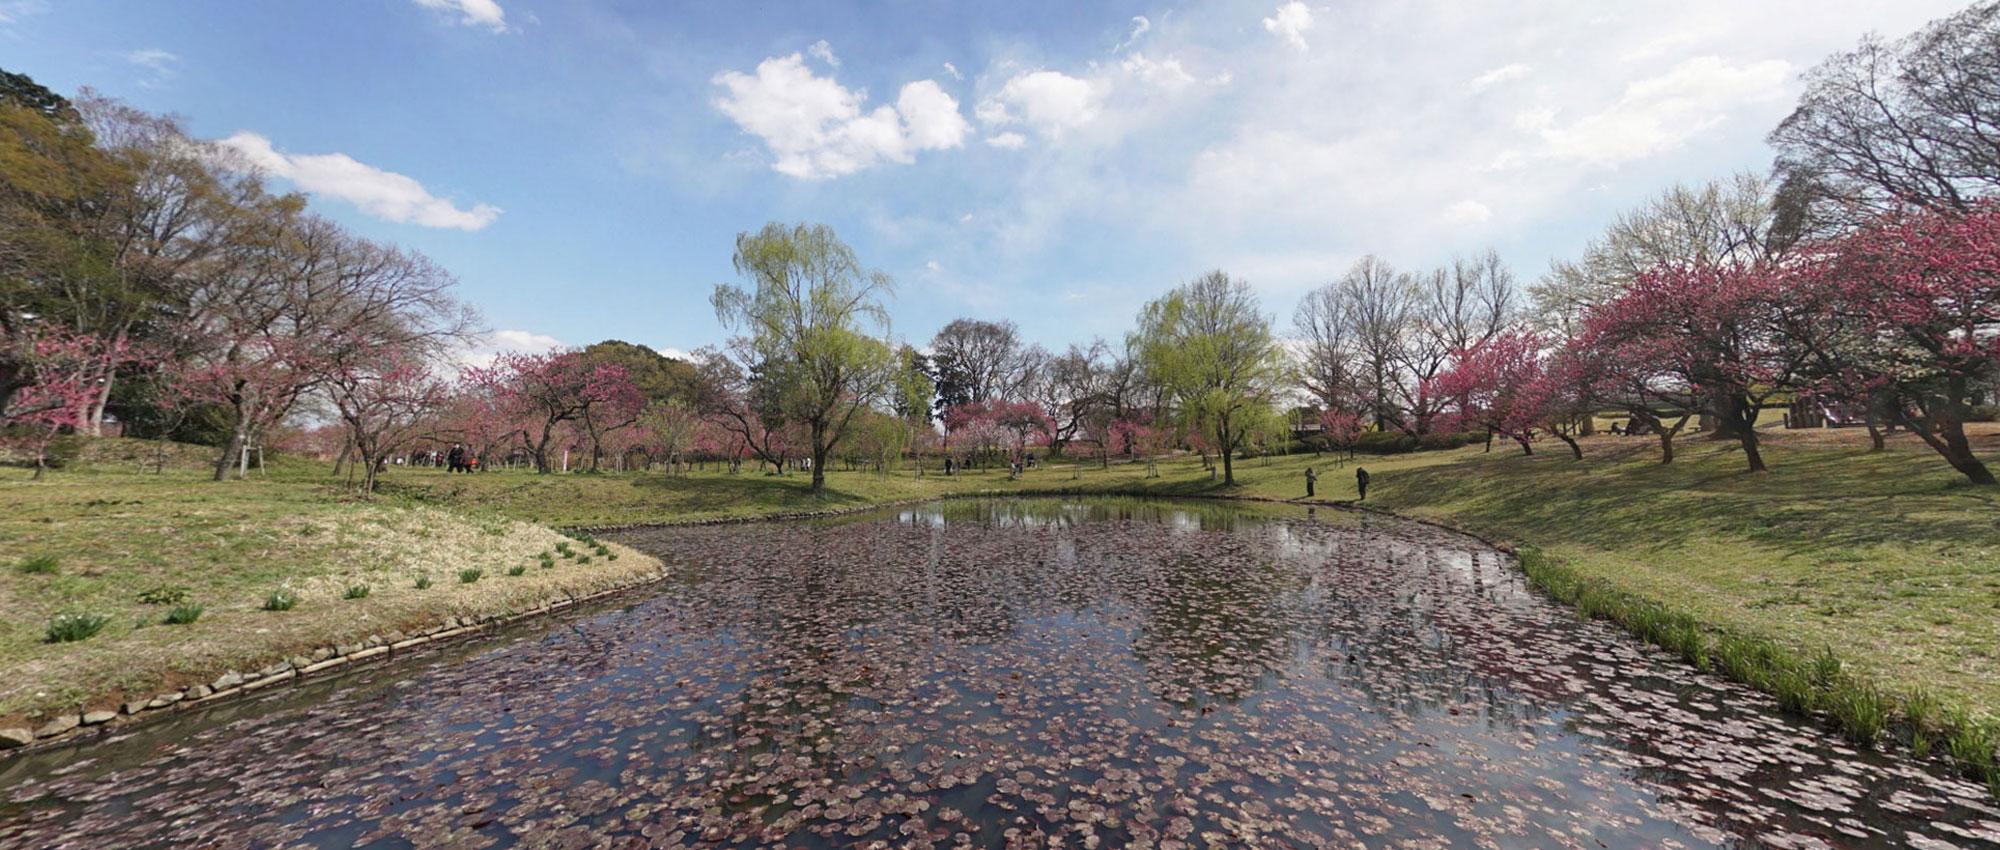 観光名所の古河公方公園の写真